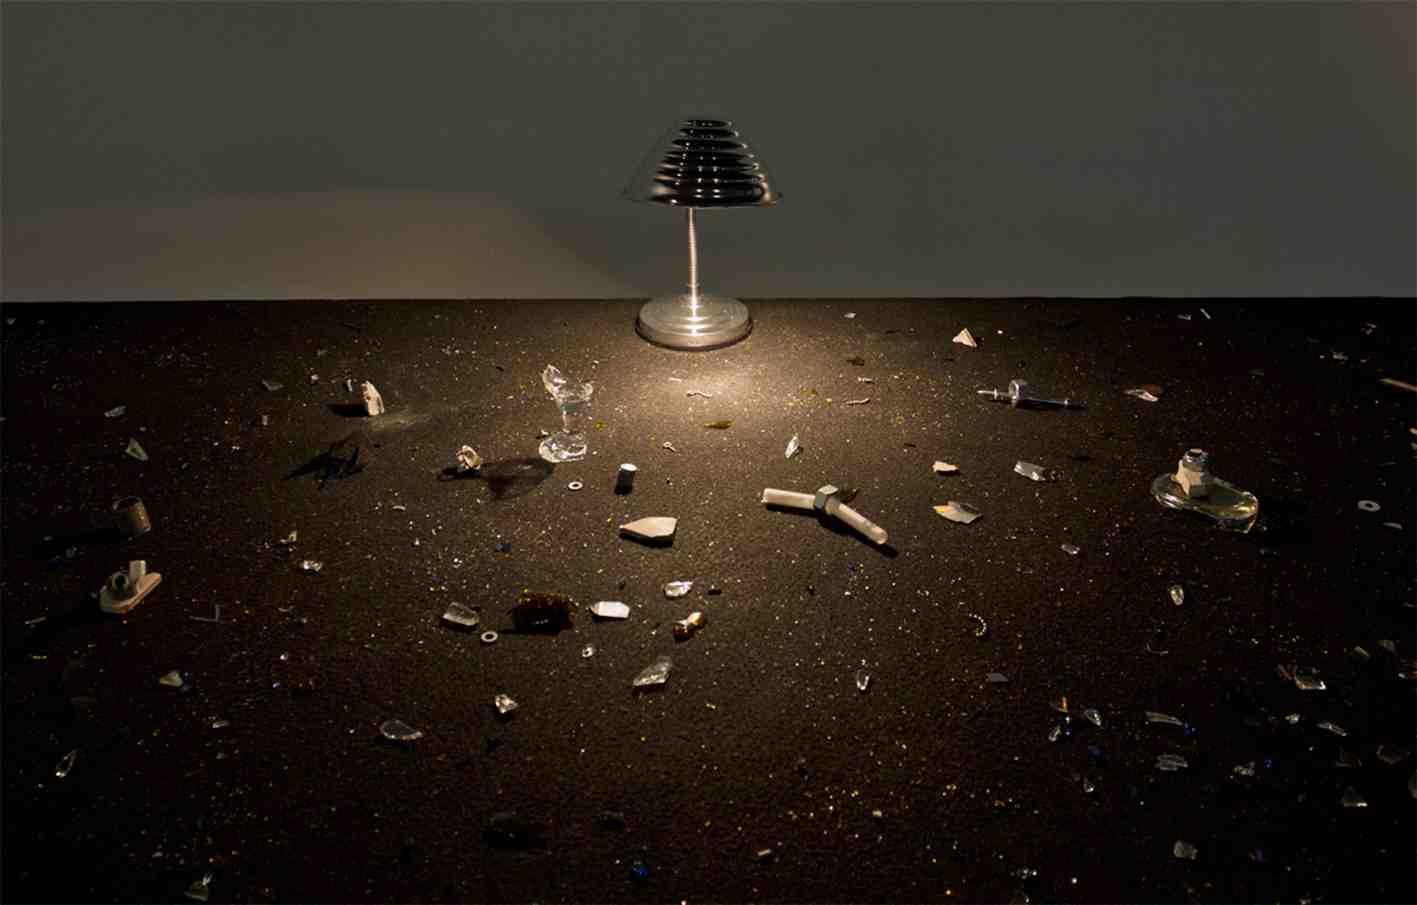 Detalle de 'Pensamiento interestelar', de Julia Llerena. Imagen cortesía de AJG Gallery.